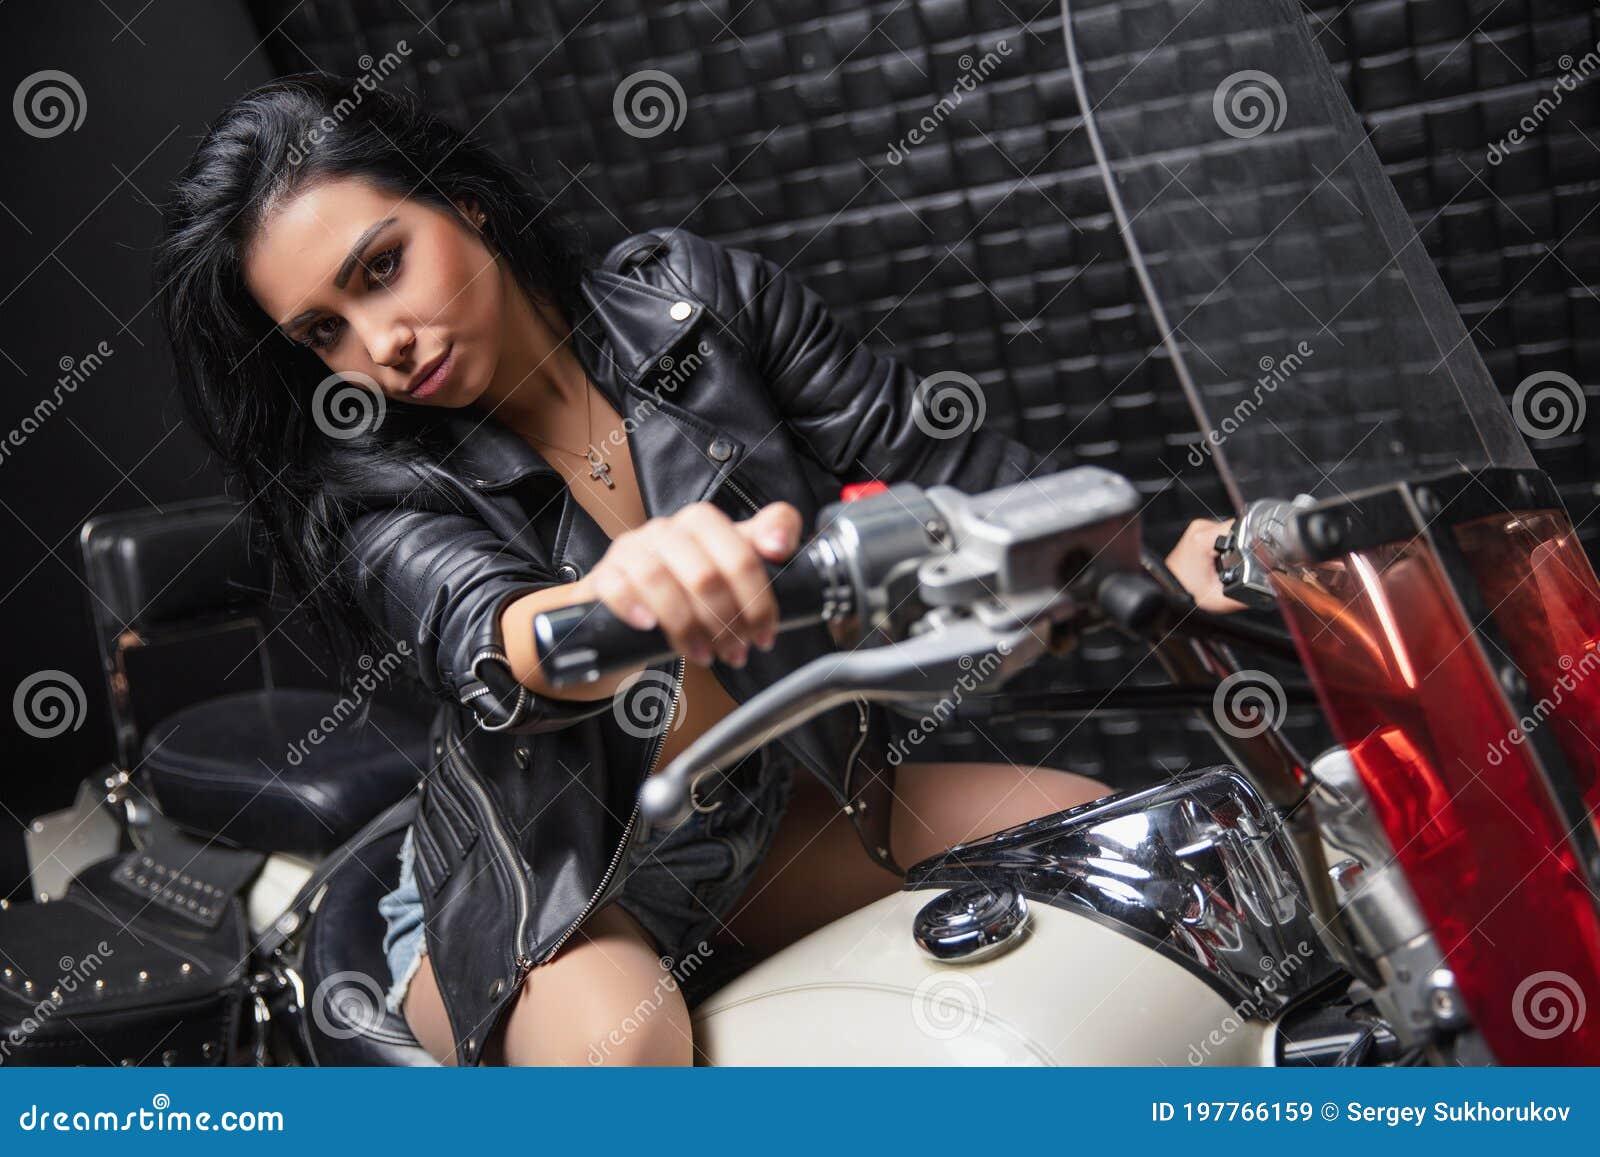 Шикарная Брюнетка Позиует На Мотоцикле